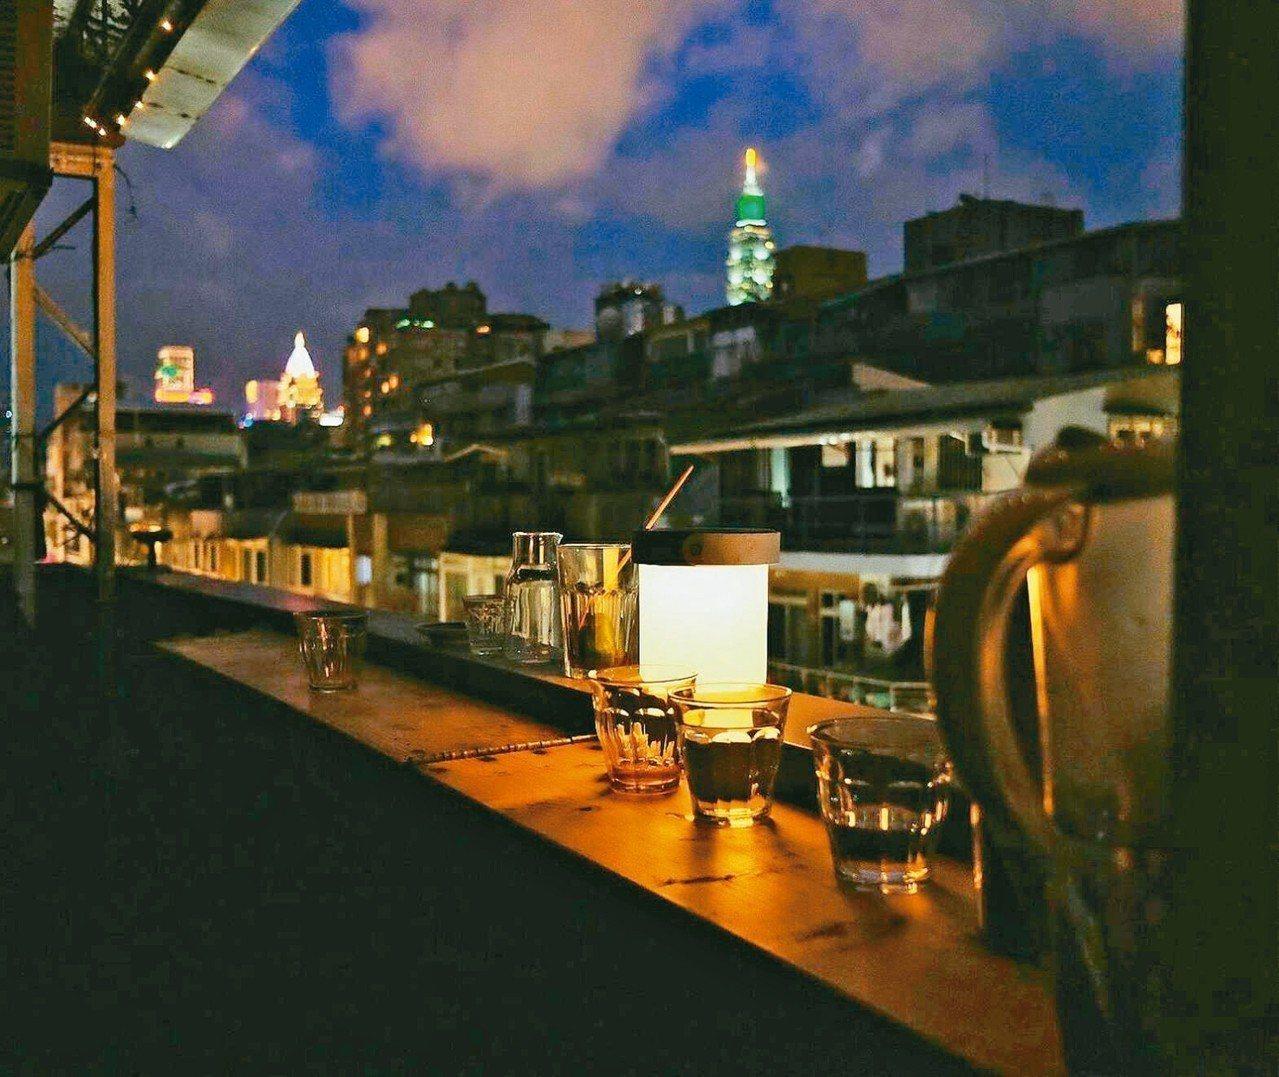 黑山咖啡的夜景別有一番風情。 攝影/黃仕揚